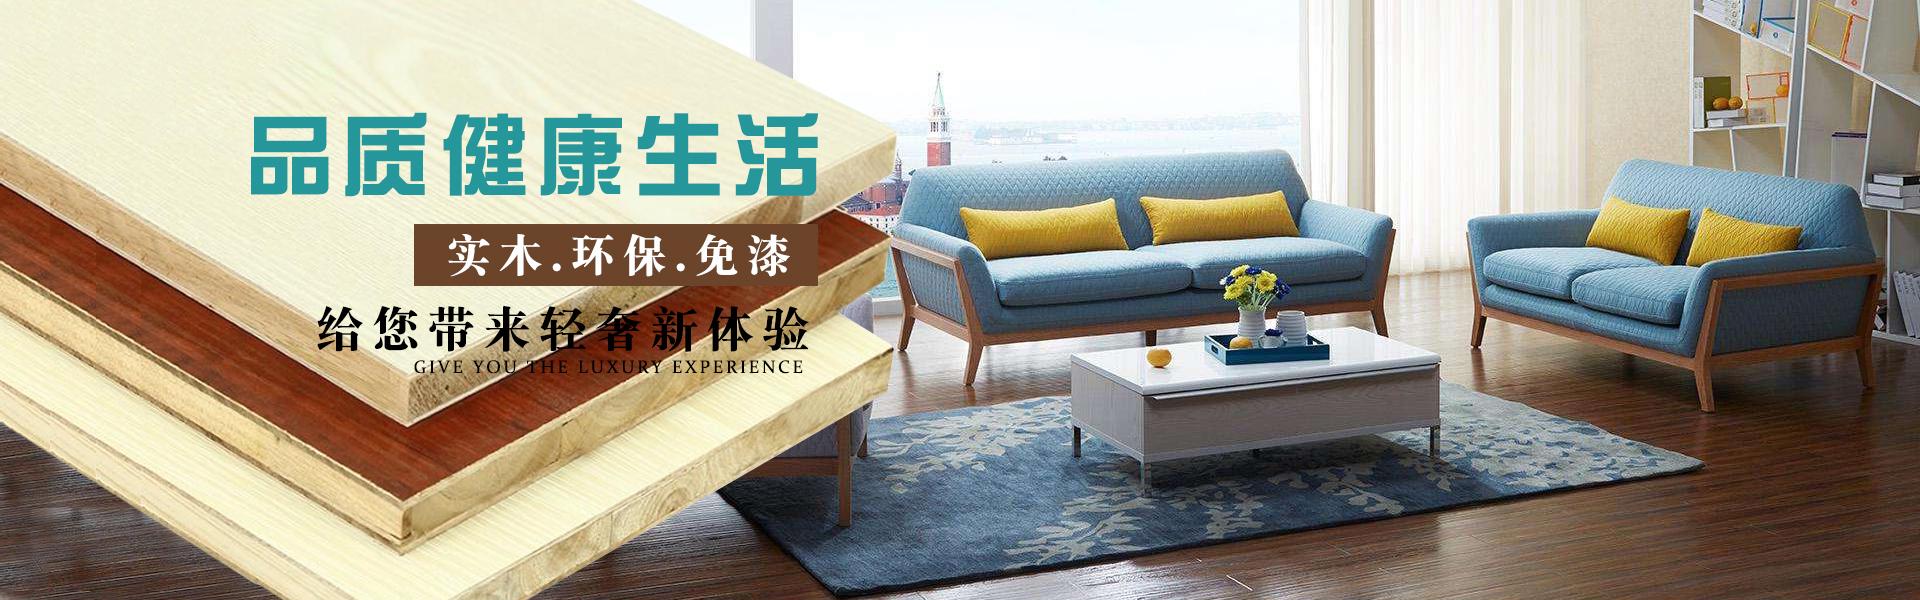 香港玉墅板材|玲珑兔板材|凤来板材|香港玉墅生态板-临沂天都木业